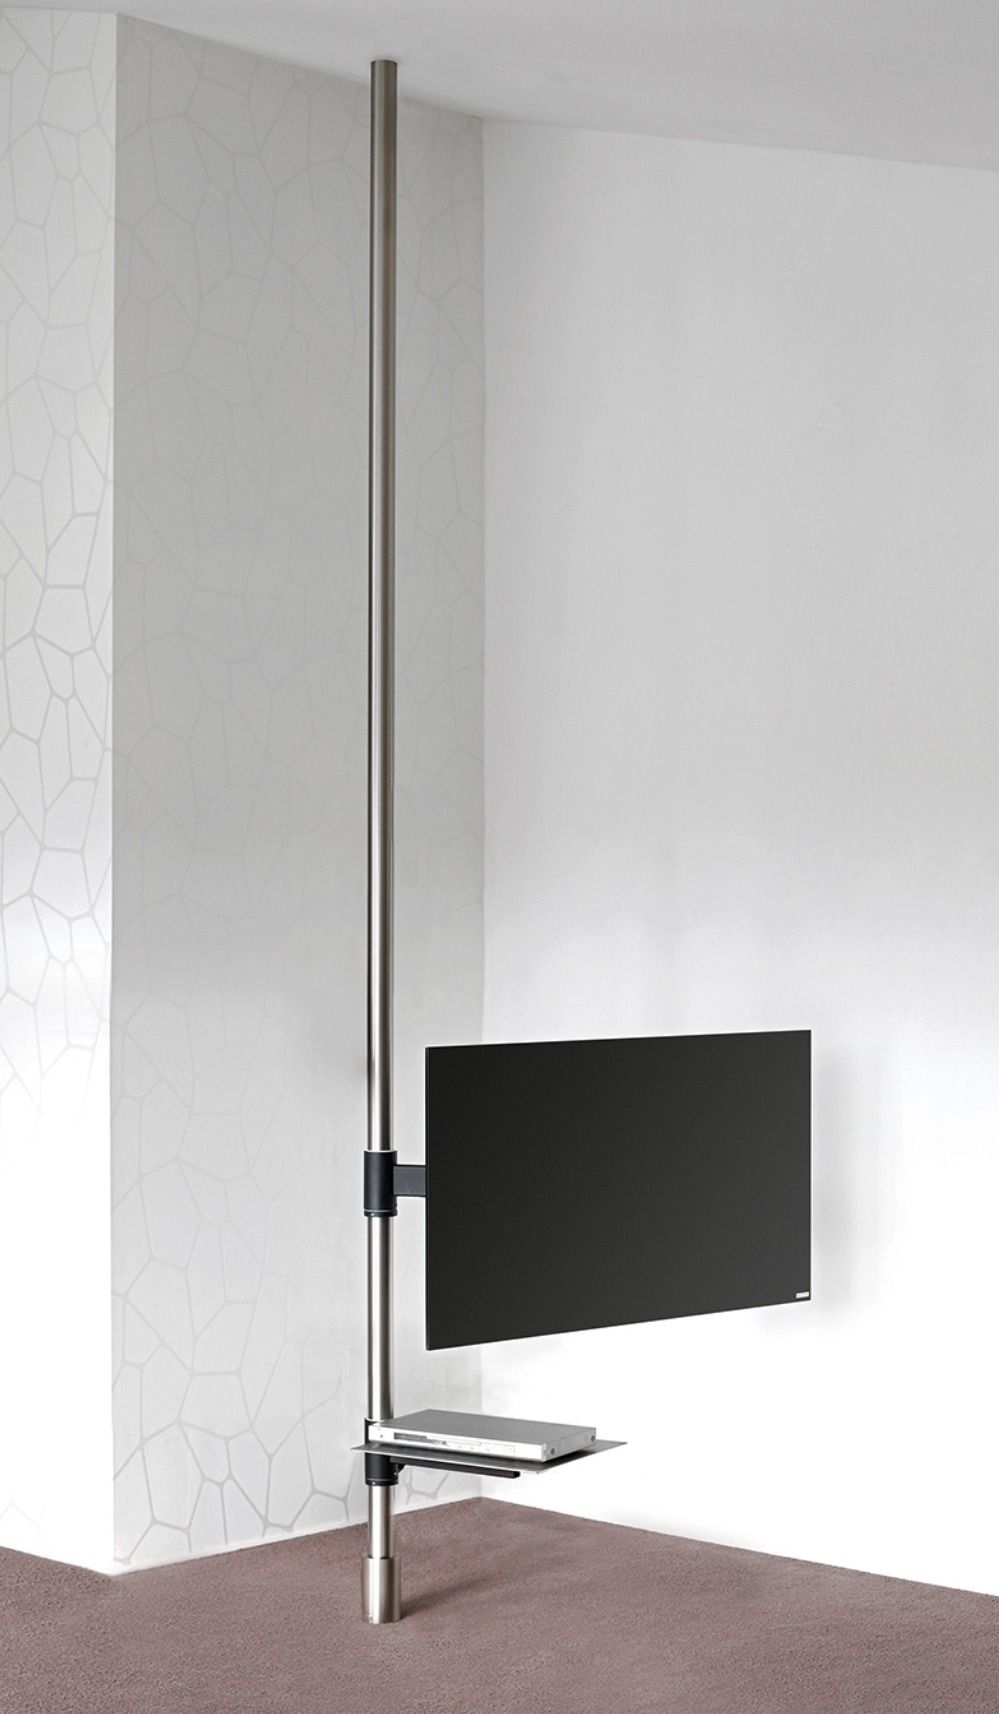 Wissmann Art129 Tv Holder Tv Holder Swivel Tv Design